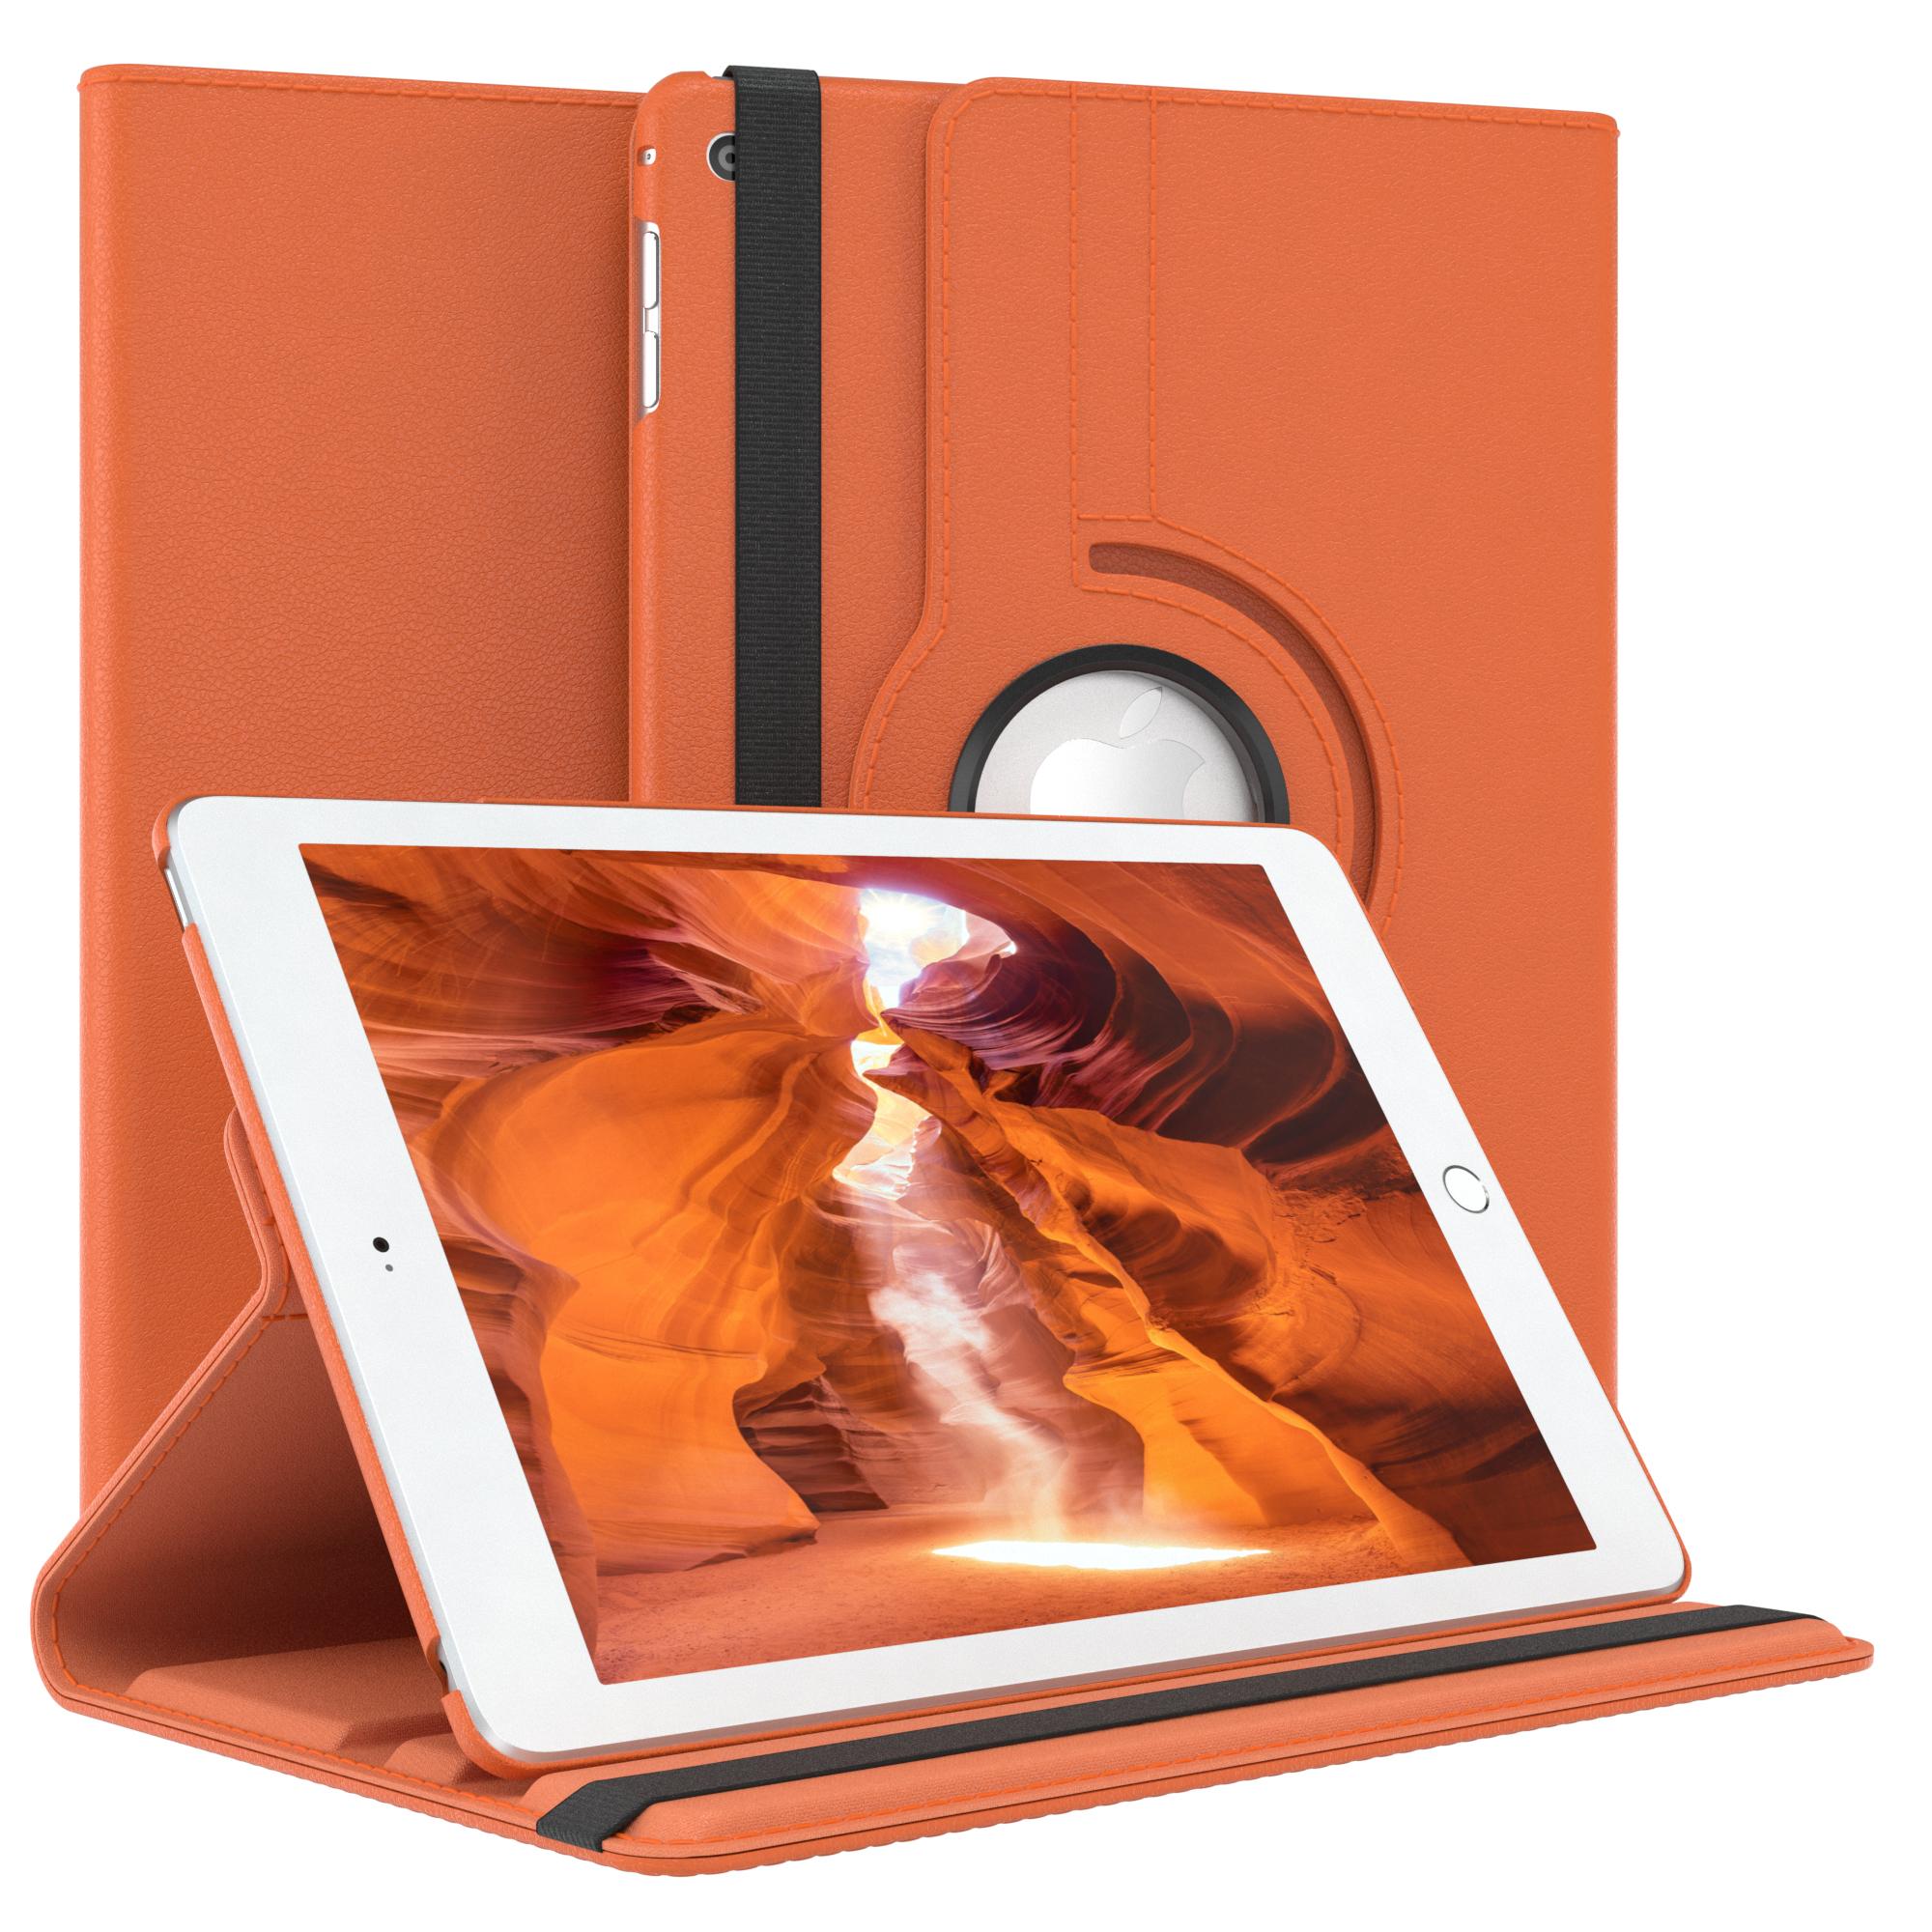 Tasche-fuer-Apple-iPad-Smart-Case-Schutz-Huelle-Etui-Tasche-Bumper-Flip-Cover-360 Indexbild 16